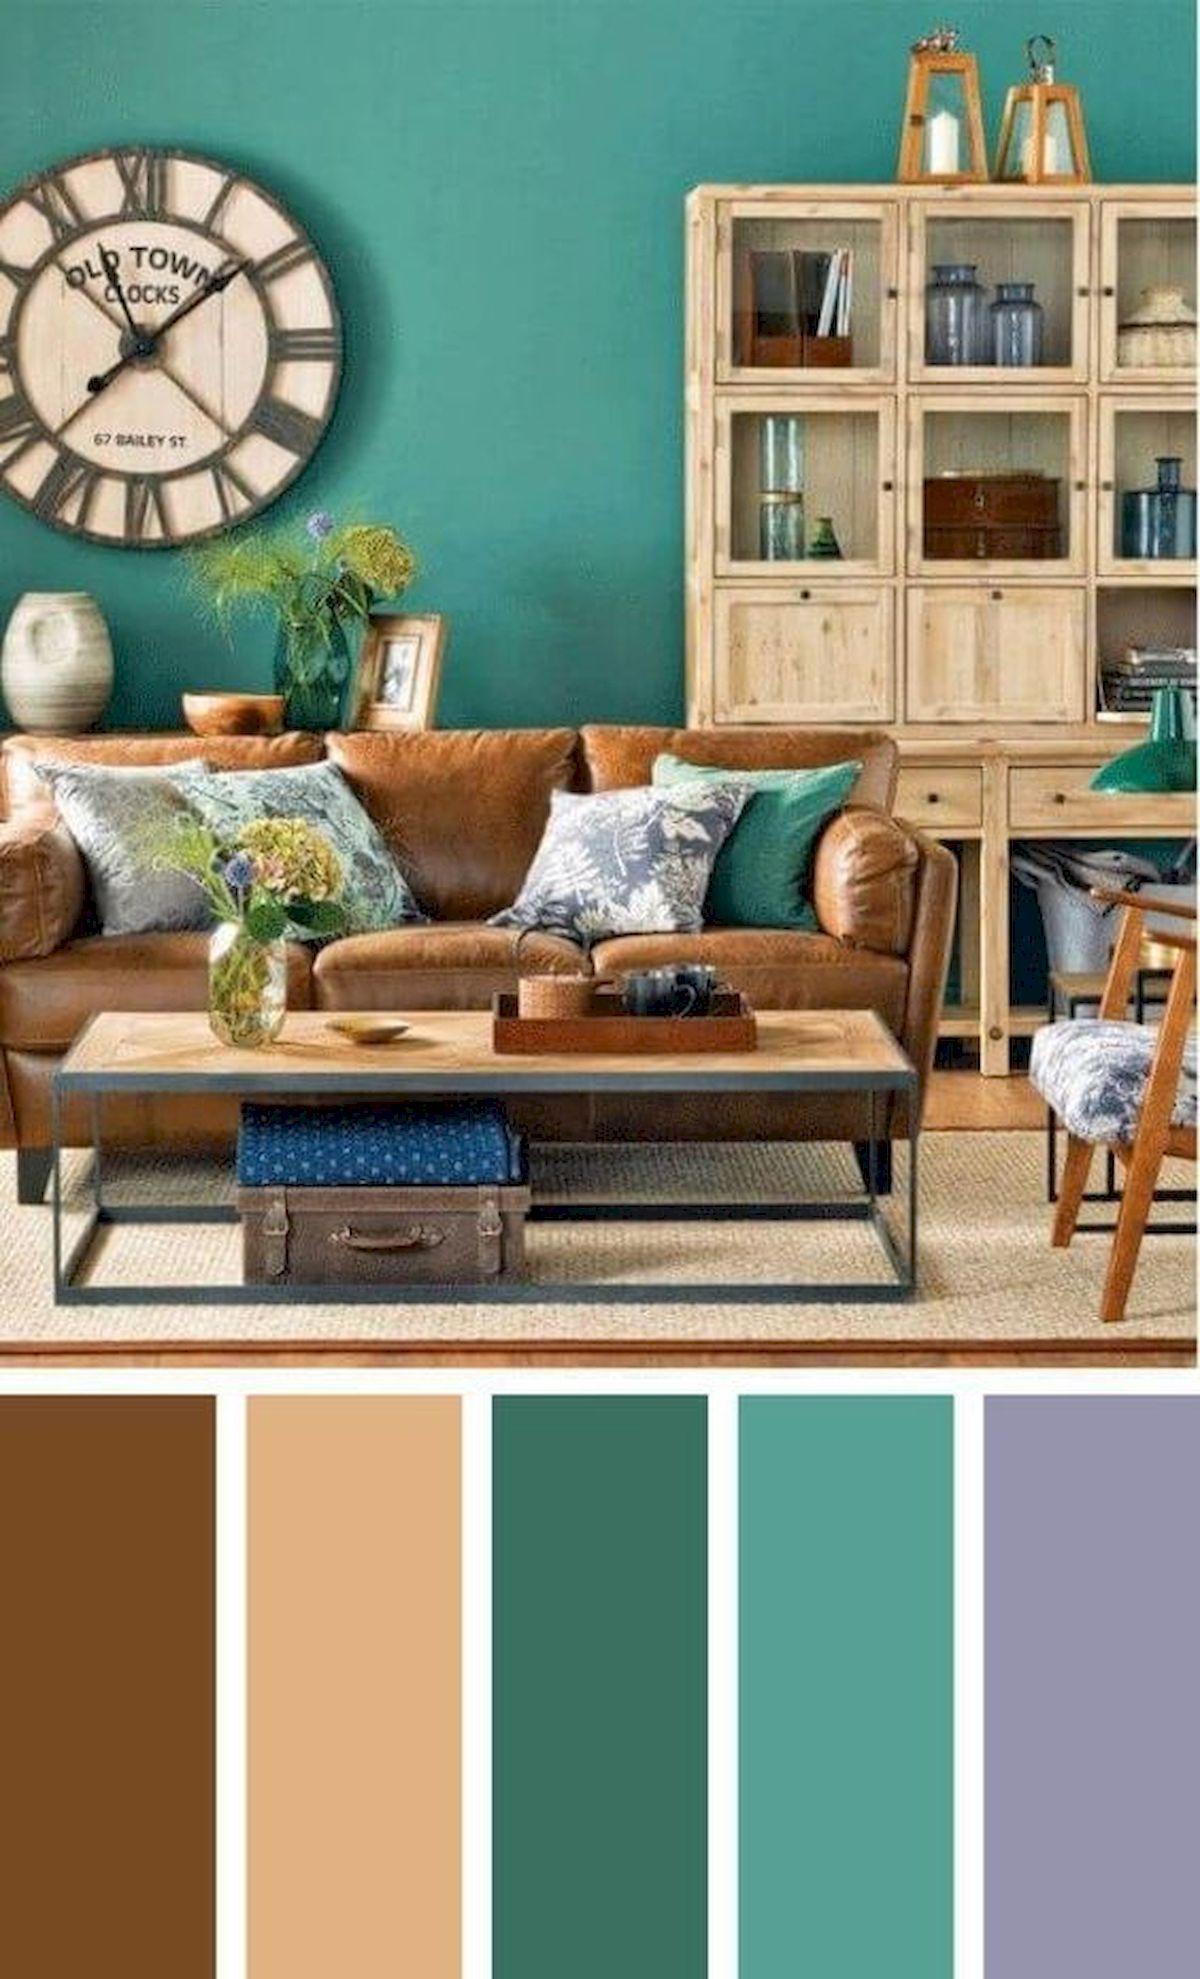 40 Gorgeous Living Room Color Schemes Ideas Choosing Living Room Colors Living Room Color Schemes Room Color Schemes Updated living room colors